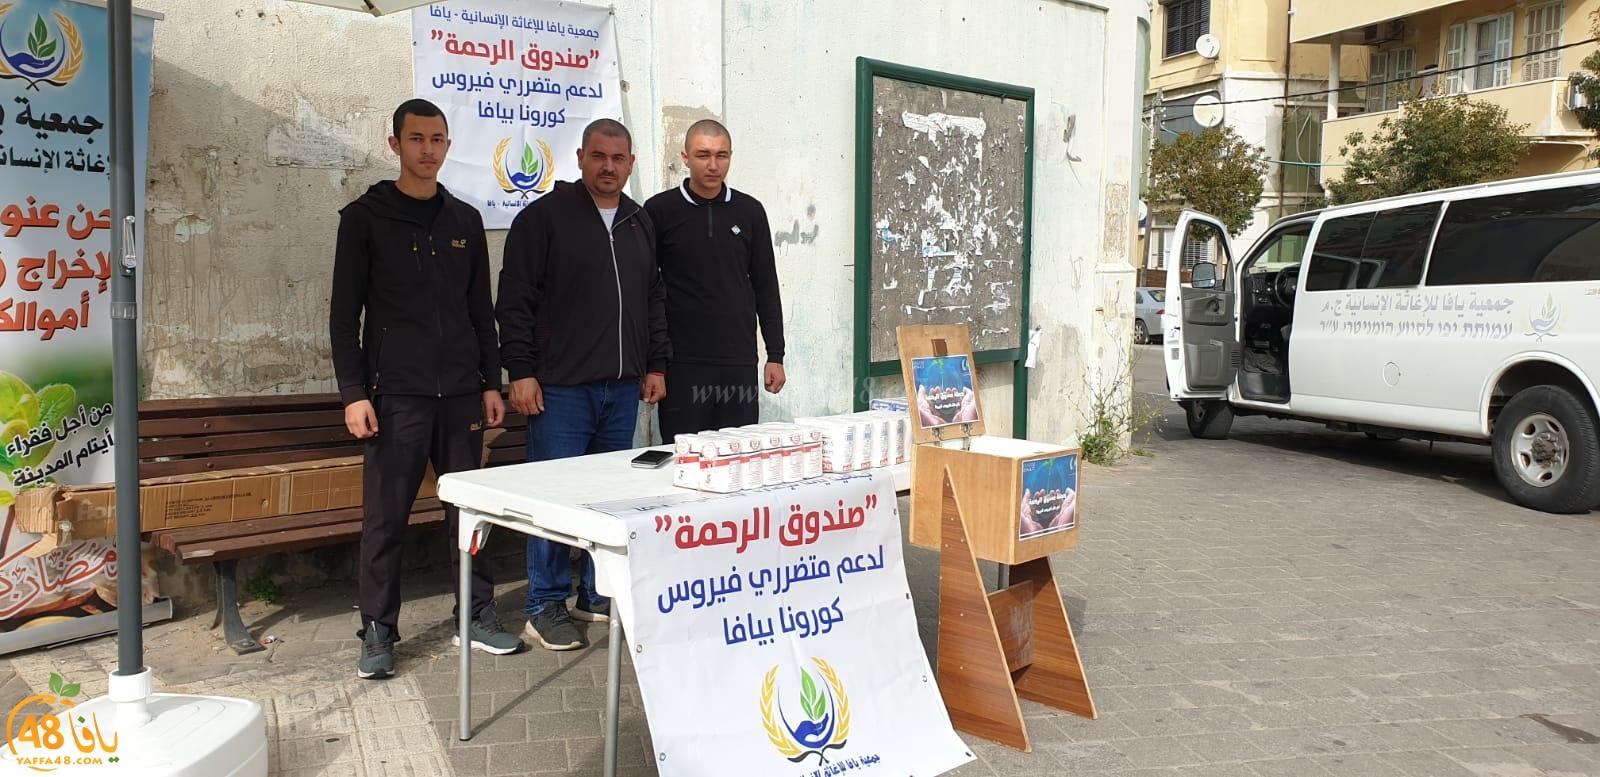 جمعية يافا مئات العائلات فقدت مصدر رزقها - حملة صندوق الرحمة مستمرة